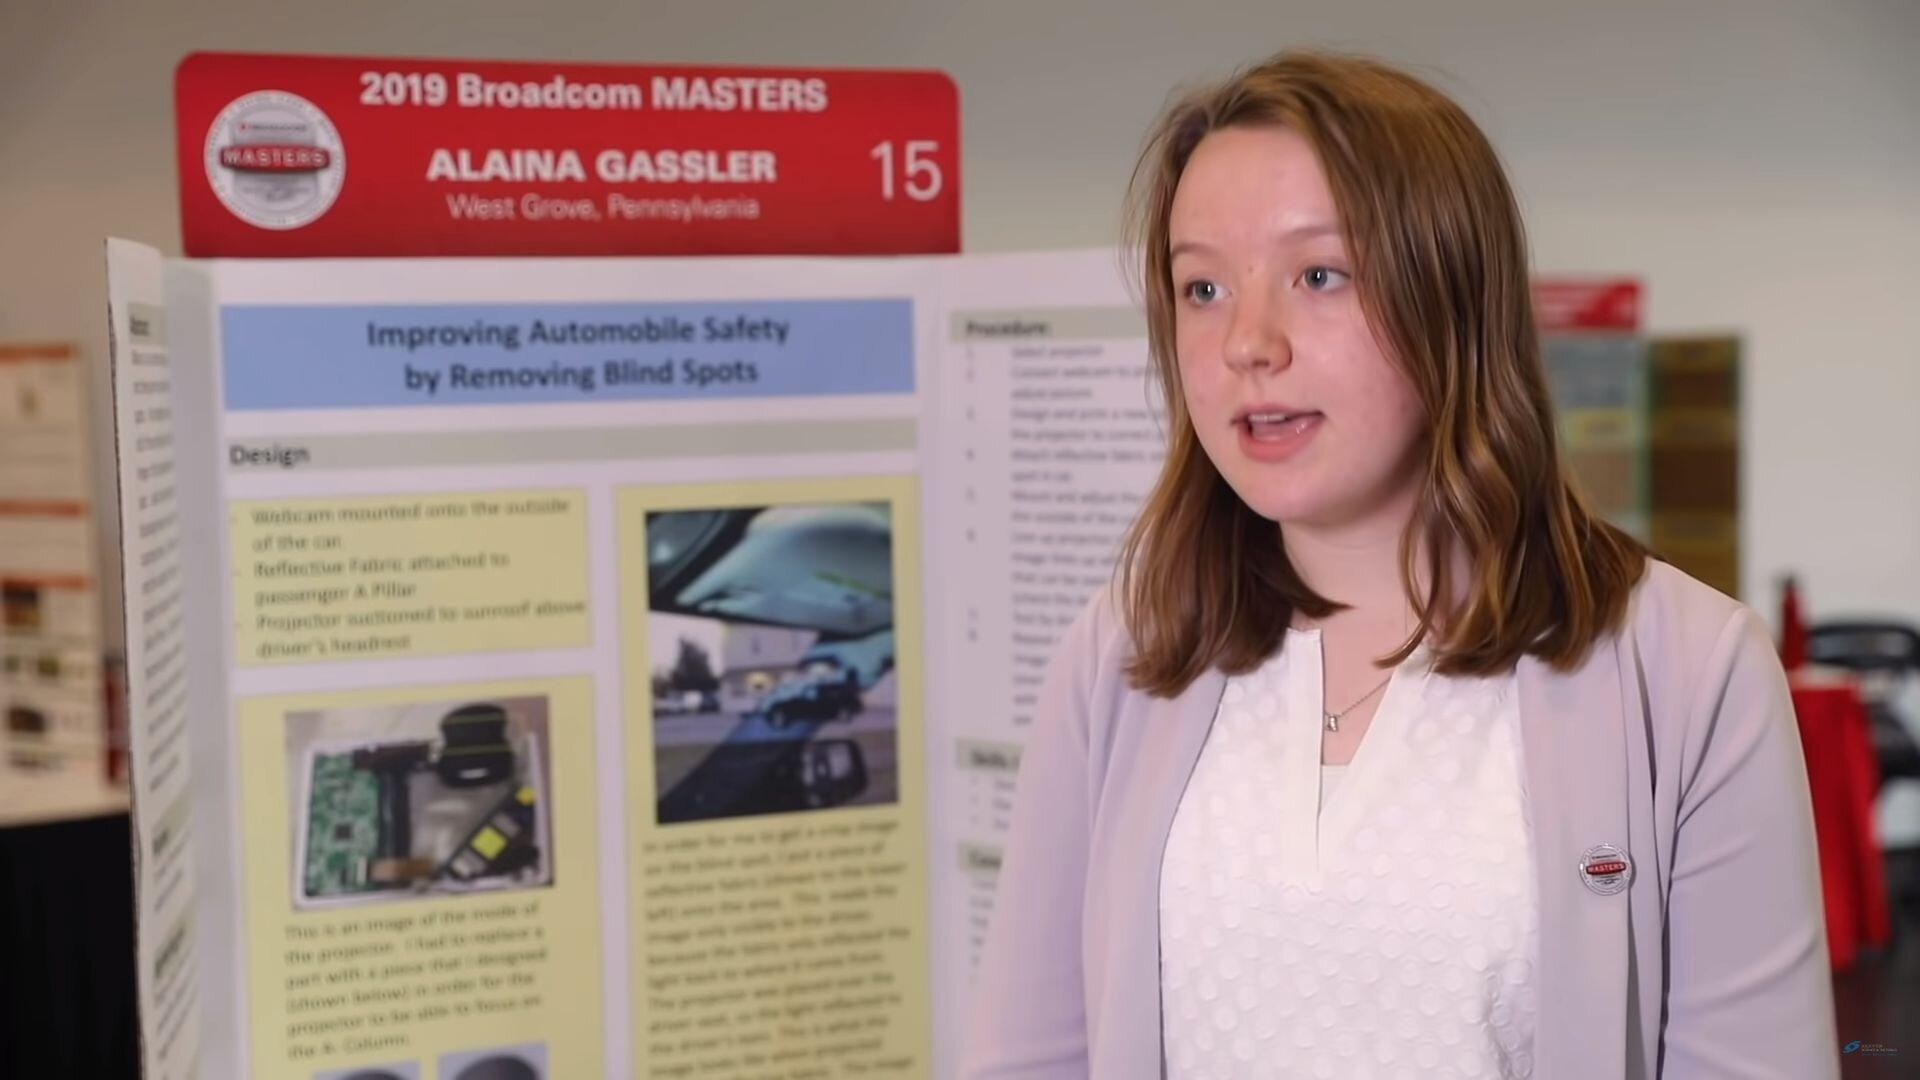 Dicas - Garota de 14 anos inventa solução para pontos cegos nos carros - Recorra Aqui Blog